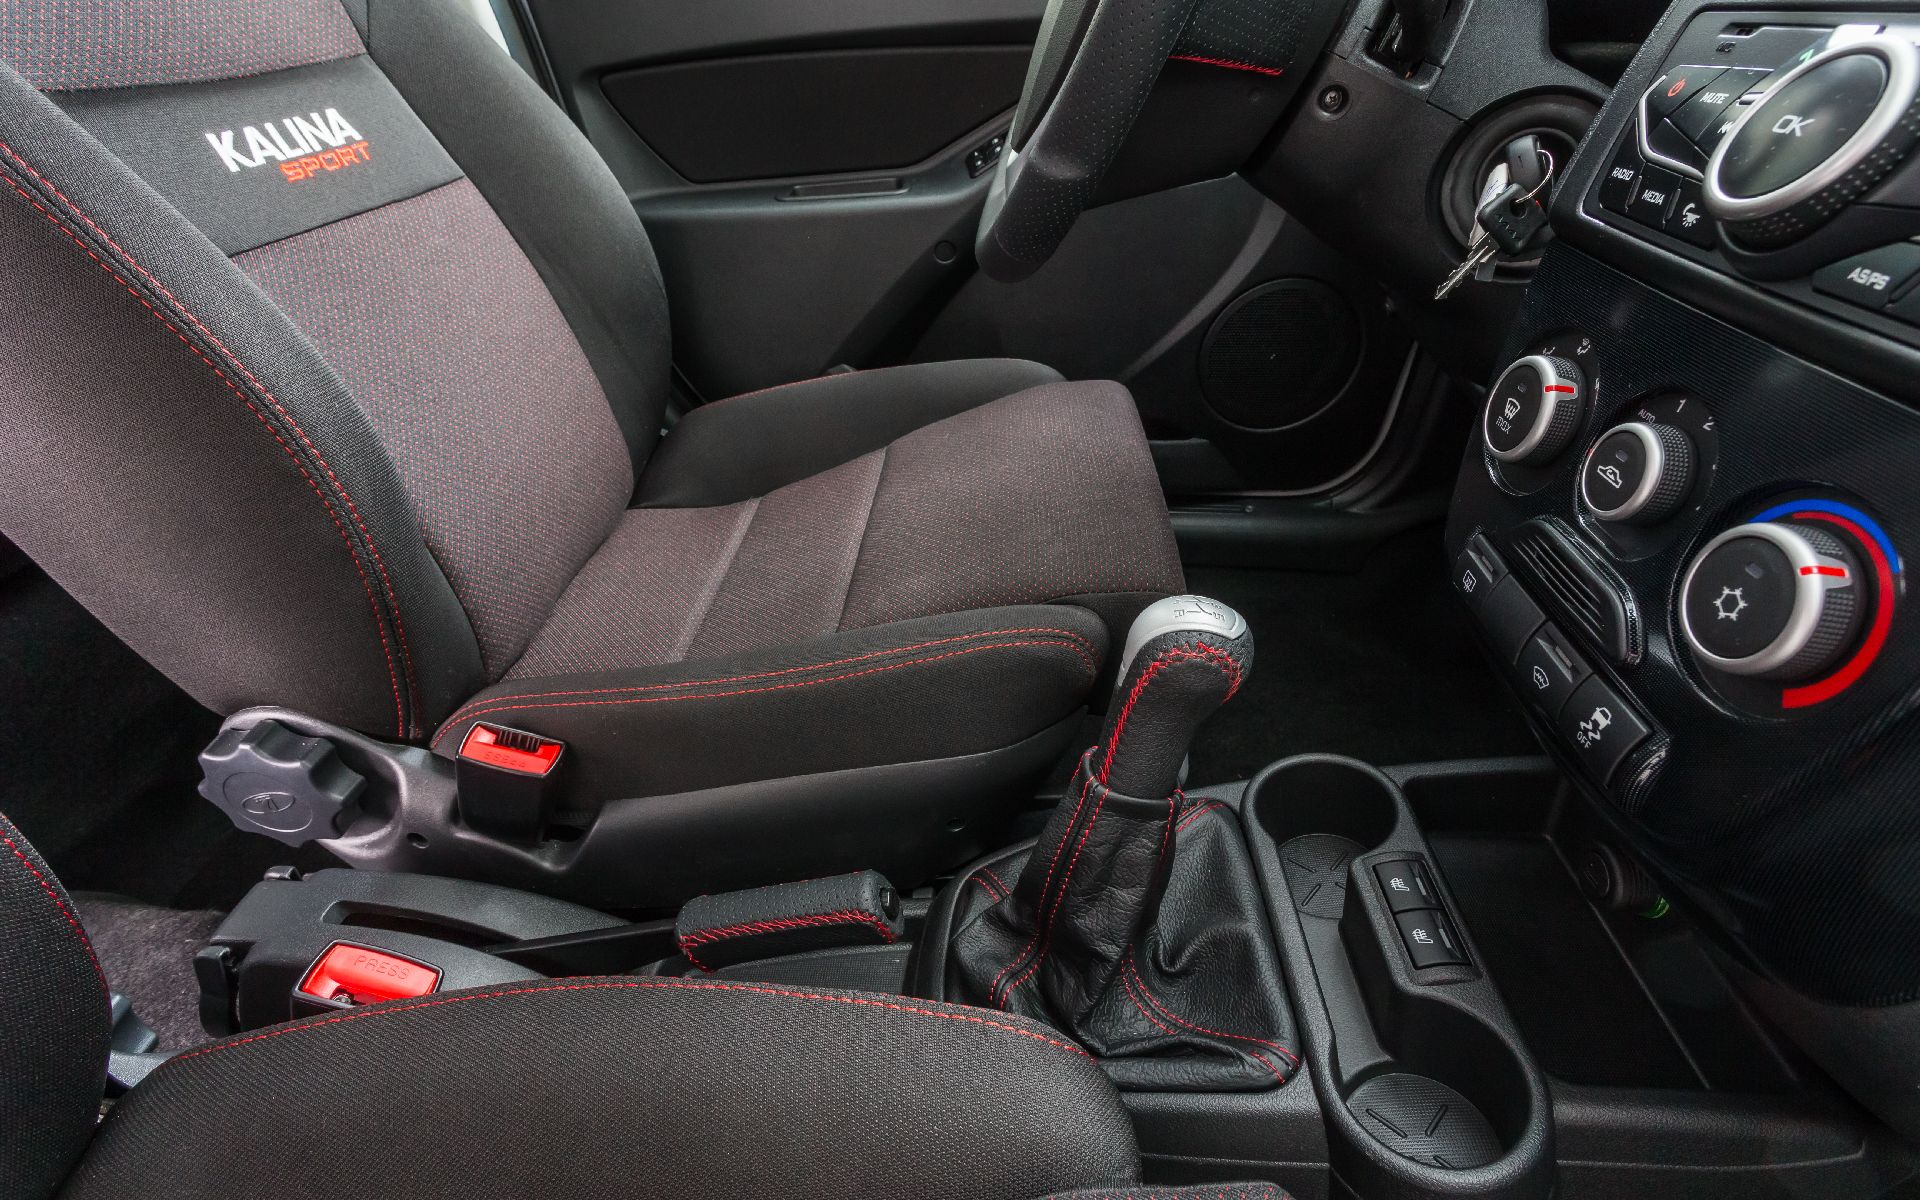 Car Lada Kalina Cross: owners reviews 69